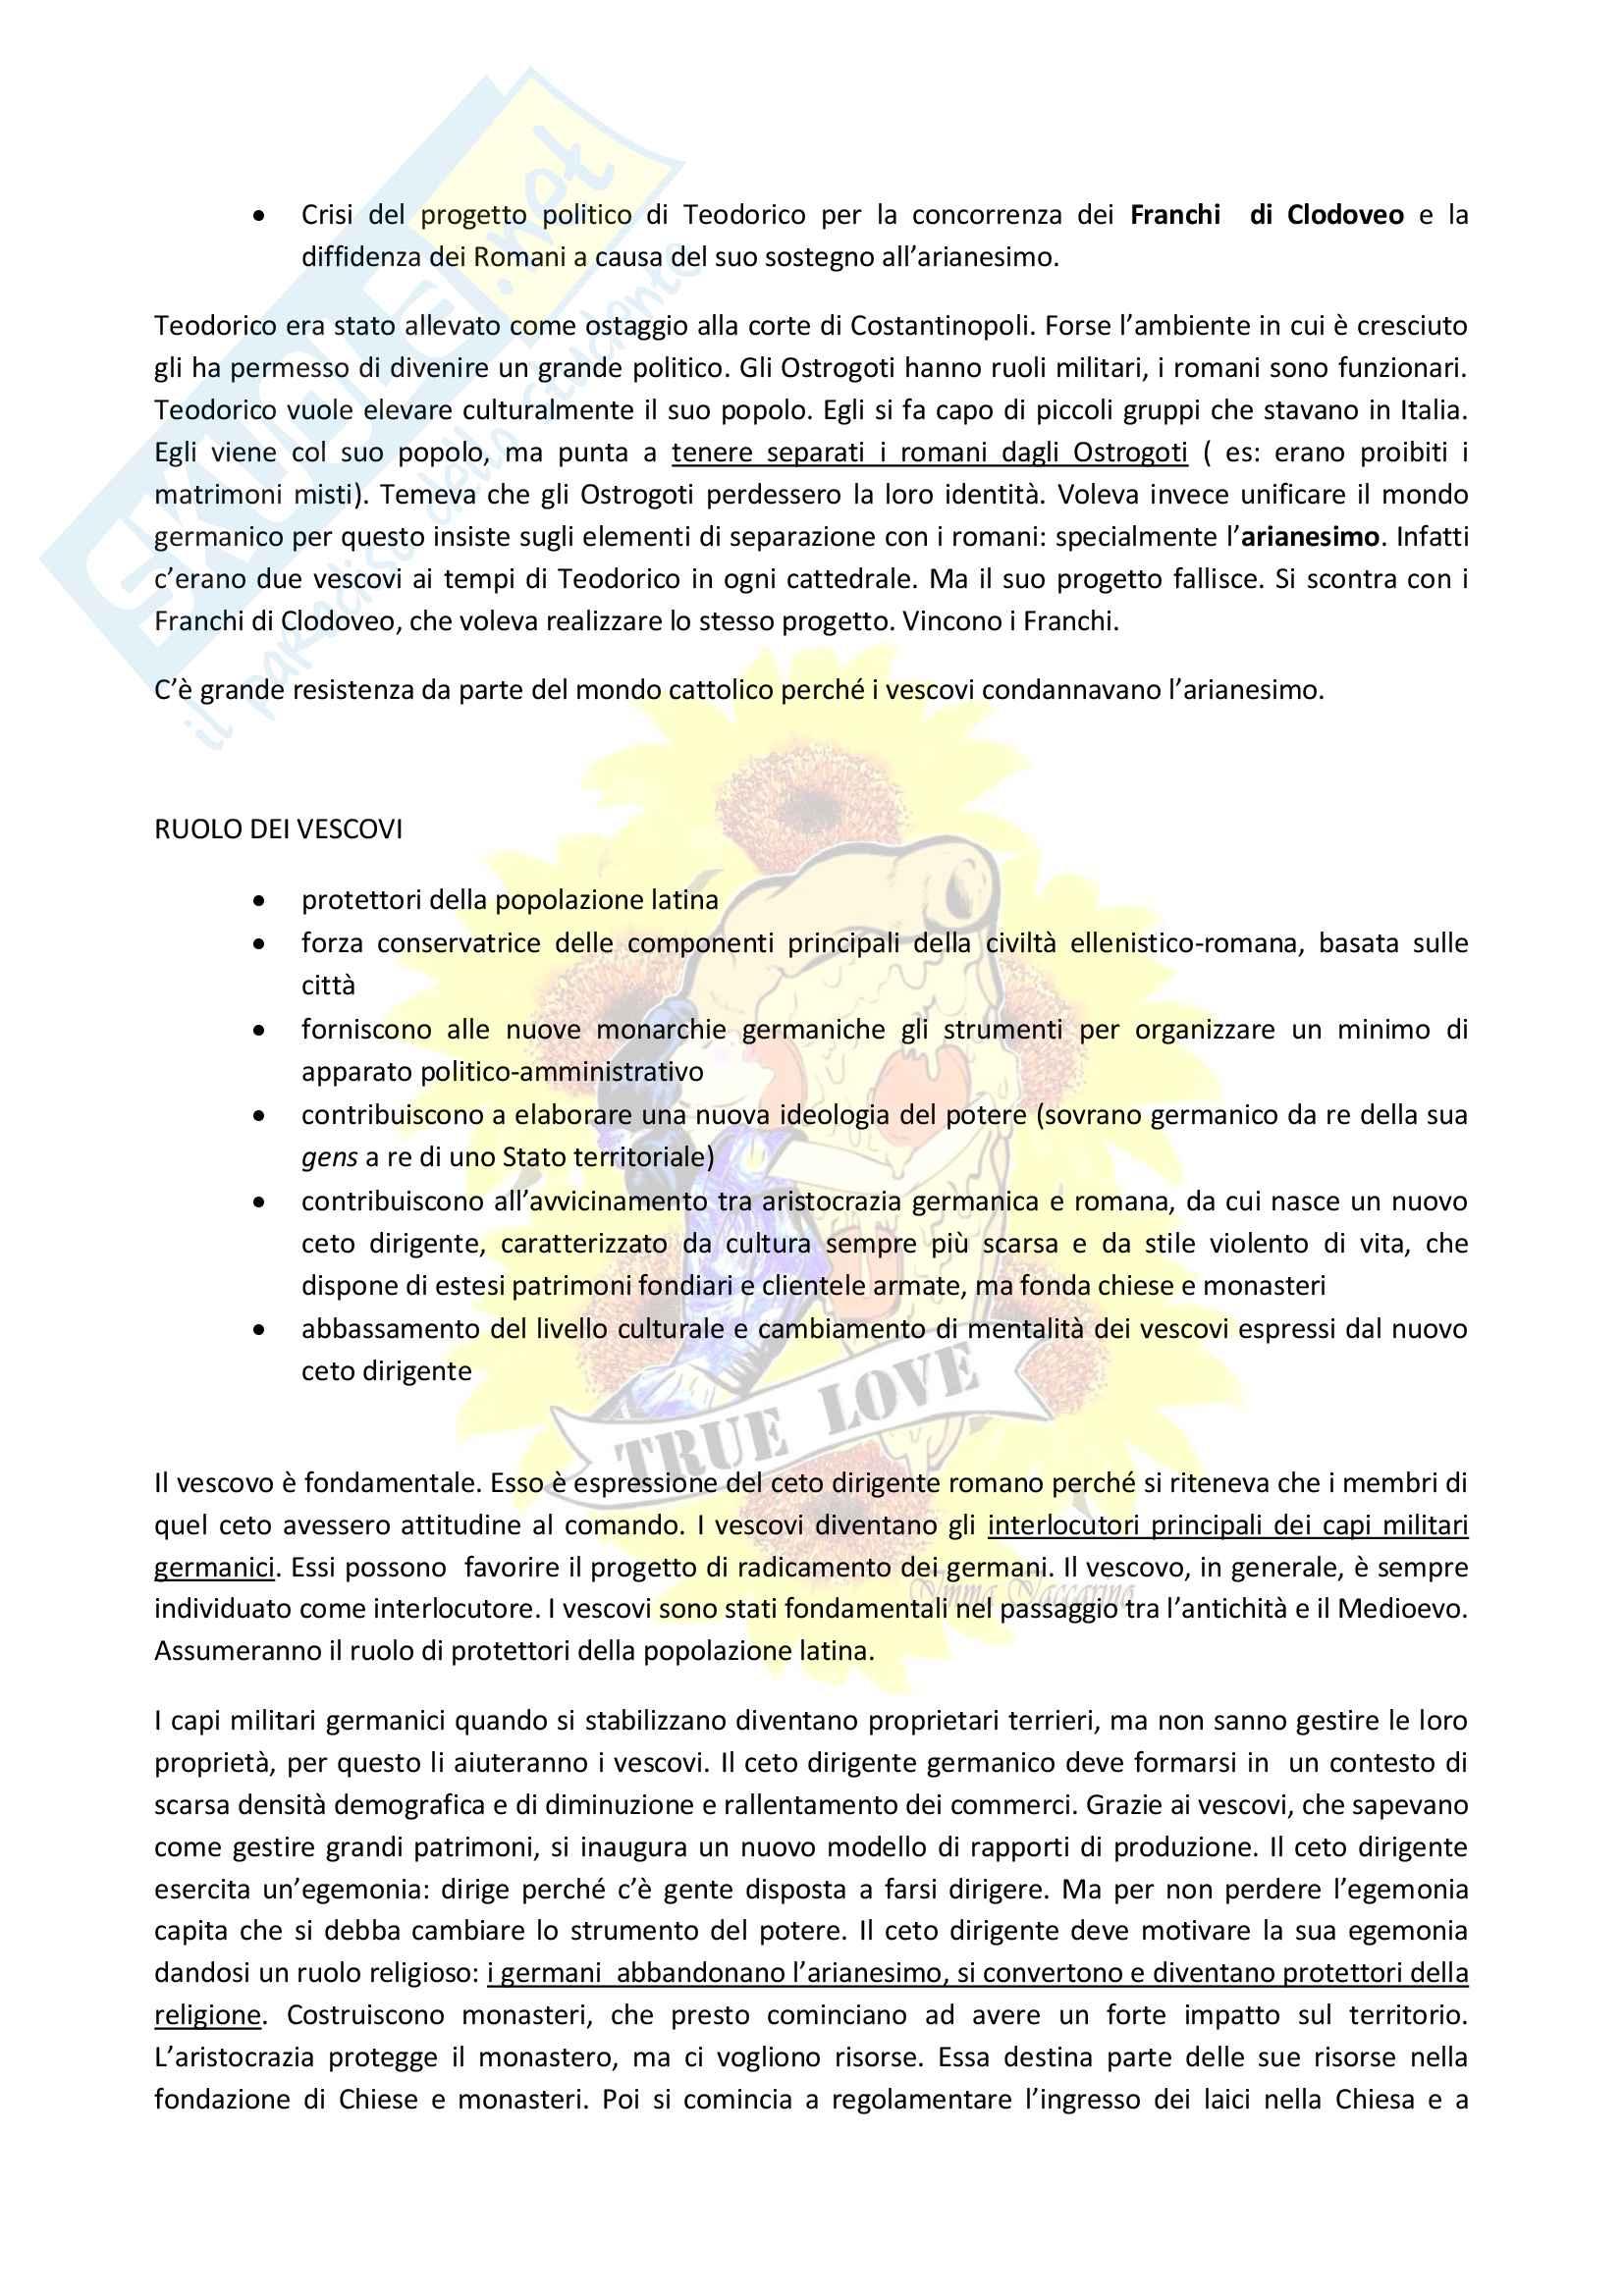 Appunti Storia medievale, prof Vitolo, libro consigliato: Medioevo, i caratteri originali di un'età di transizione Pag. 16